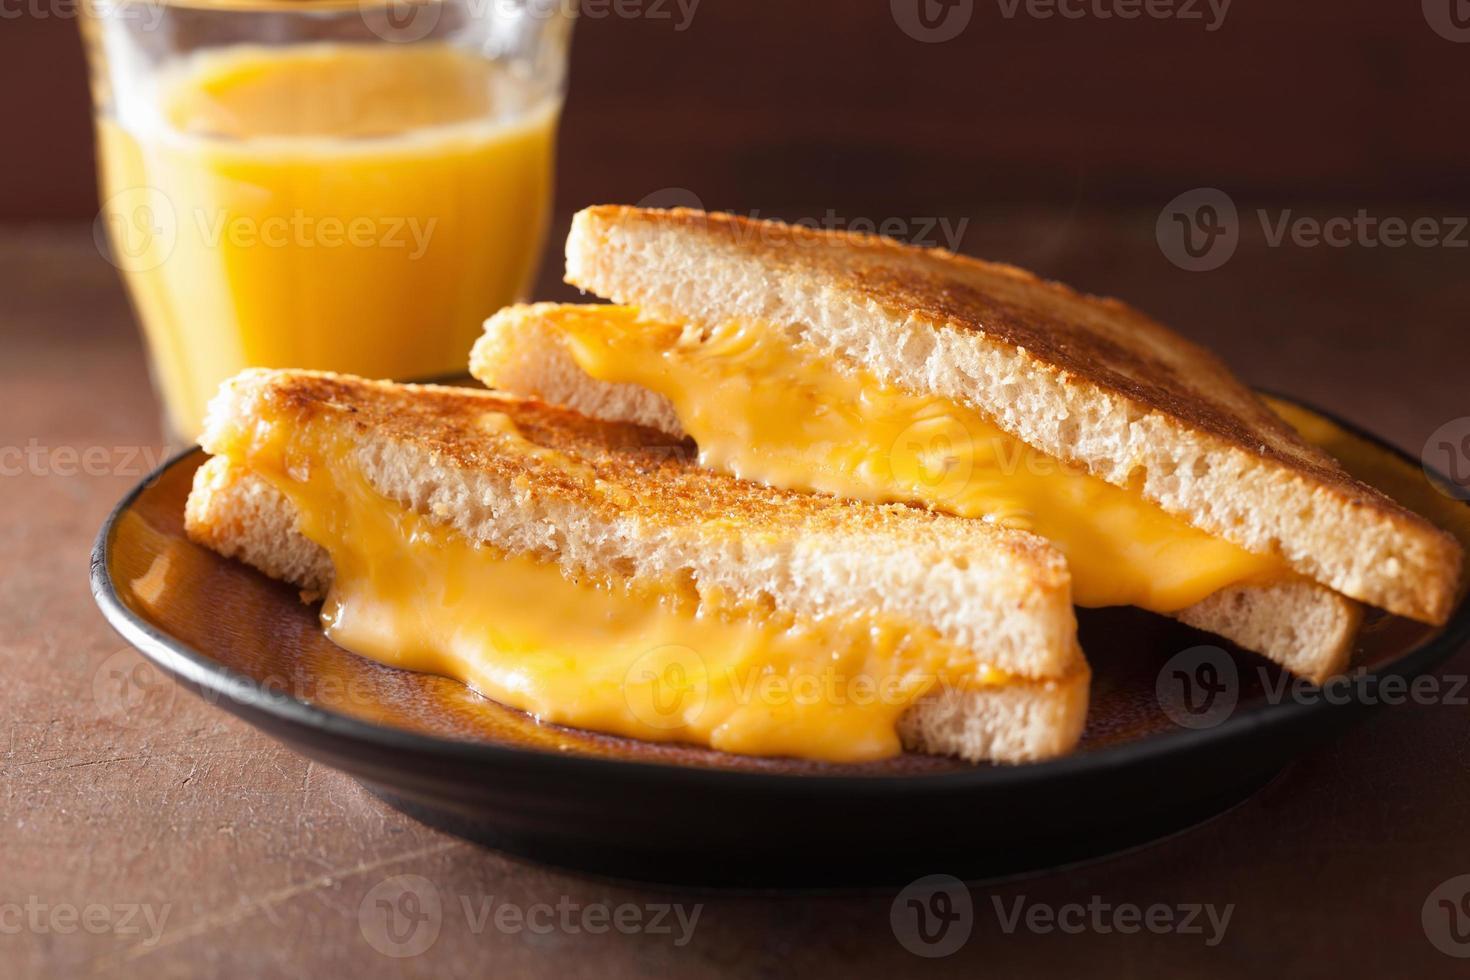 sándwich casero de queso a la parrilla para el desayuno foto